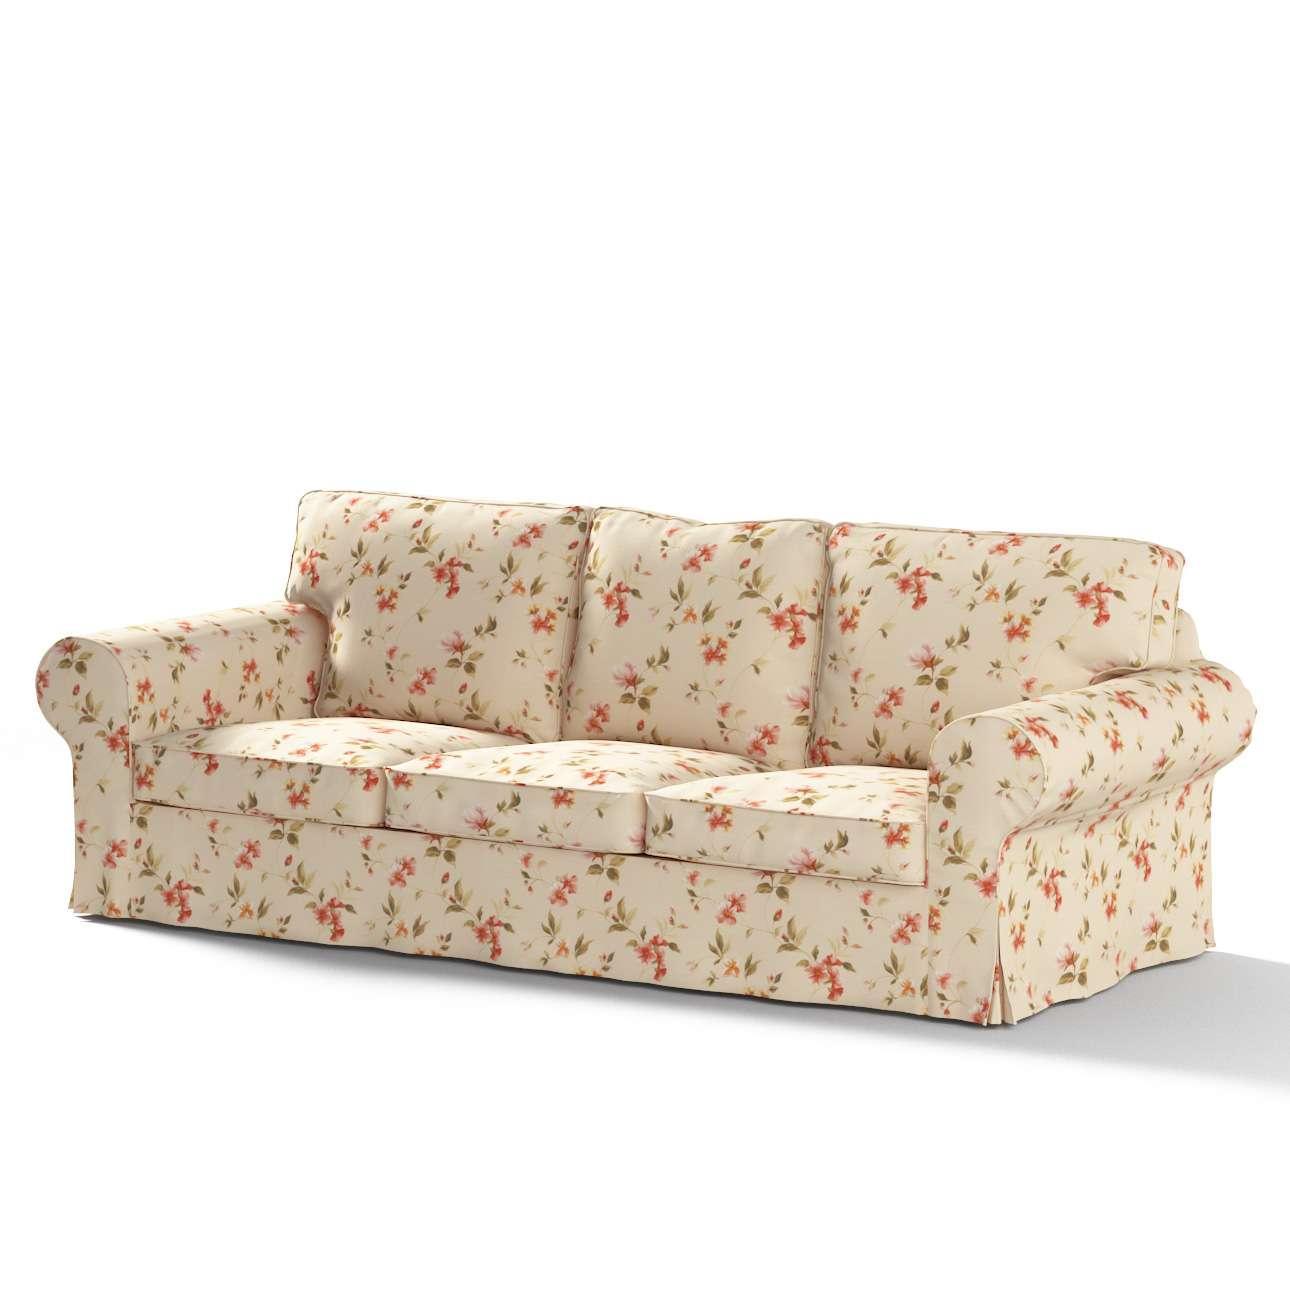 Pokrowiec na sofę Ektorp 3-osobową, rozkładaną, PIXBO w kolekcji Londres, tkanina: 124-05